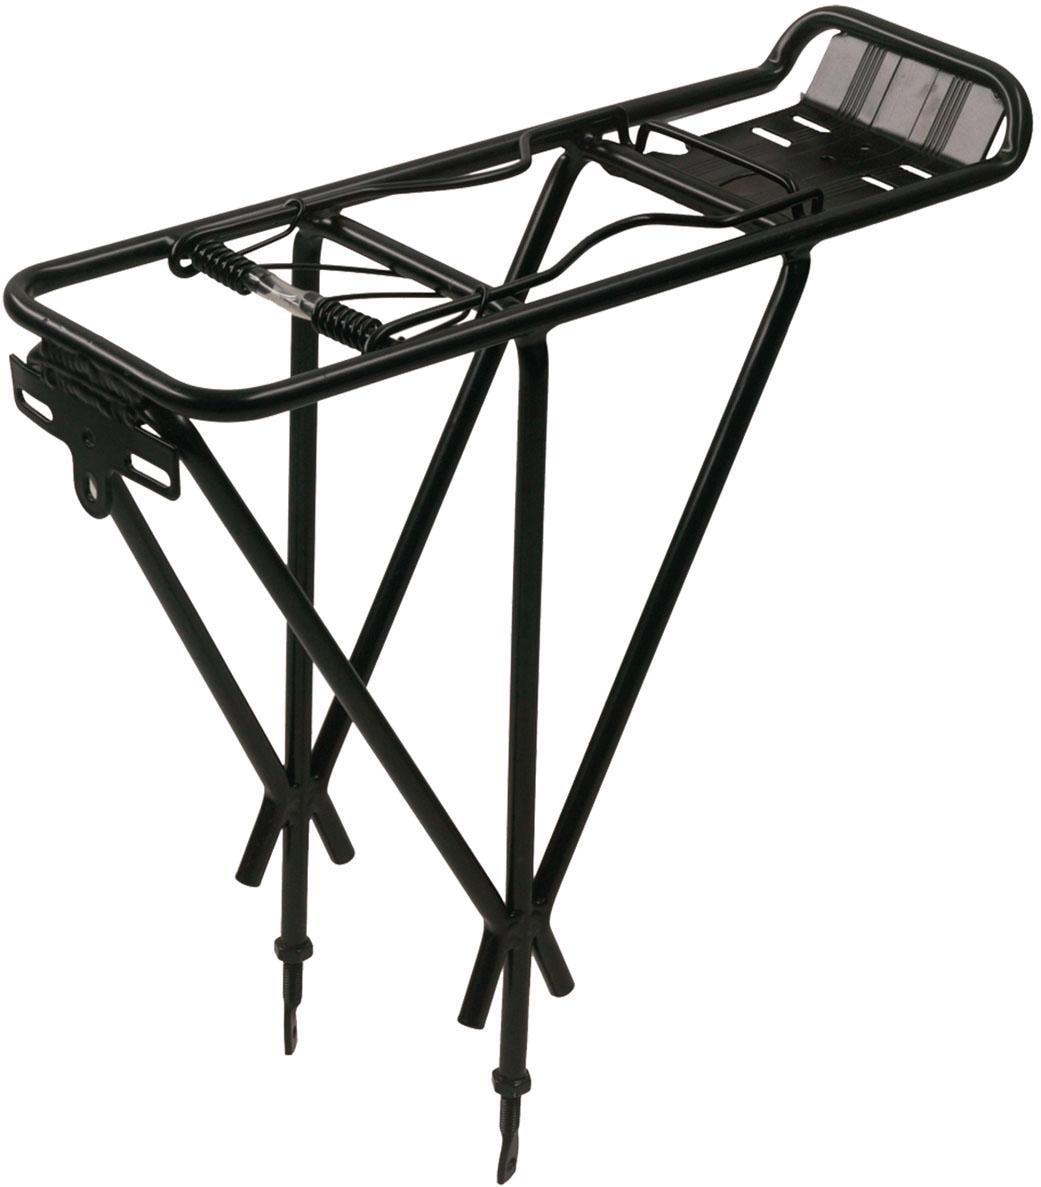 Point Fahrrad-Gepäckträger, 3-fach Strebe schwarz Rad-Ausrüstung Radsport Sportarten Fahrrad-Gepäckträger